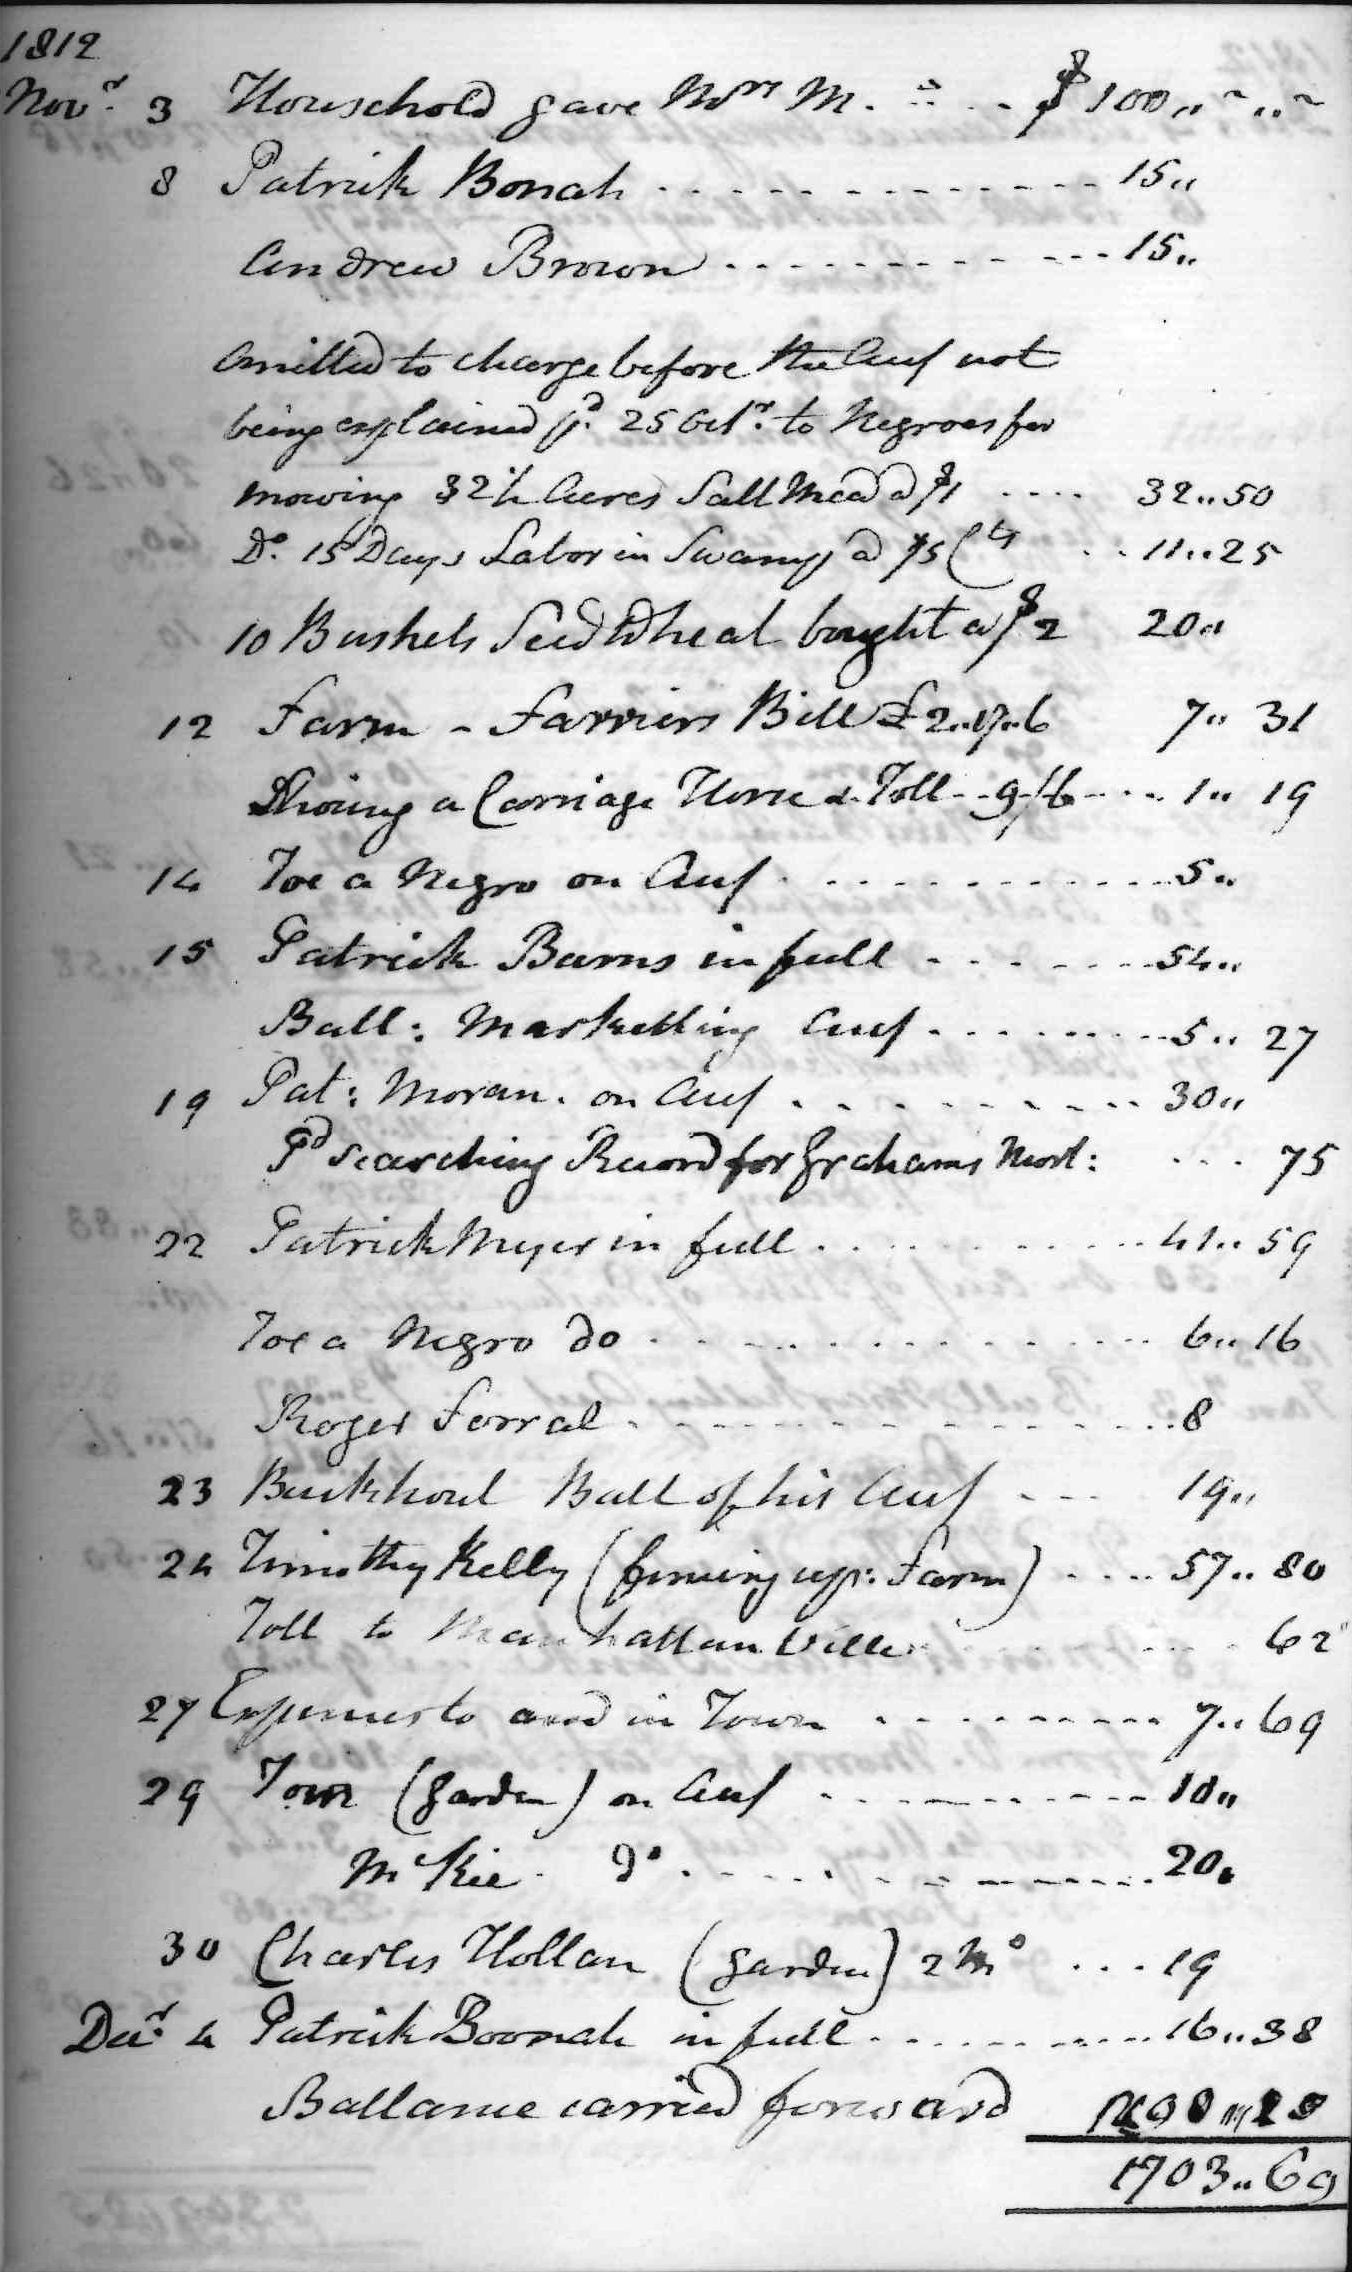 Gouverneur Morris Cash Book, folio 13, right side